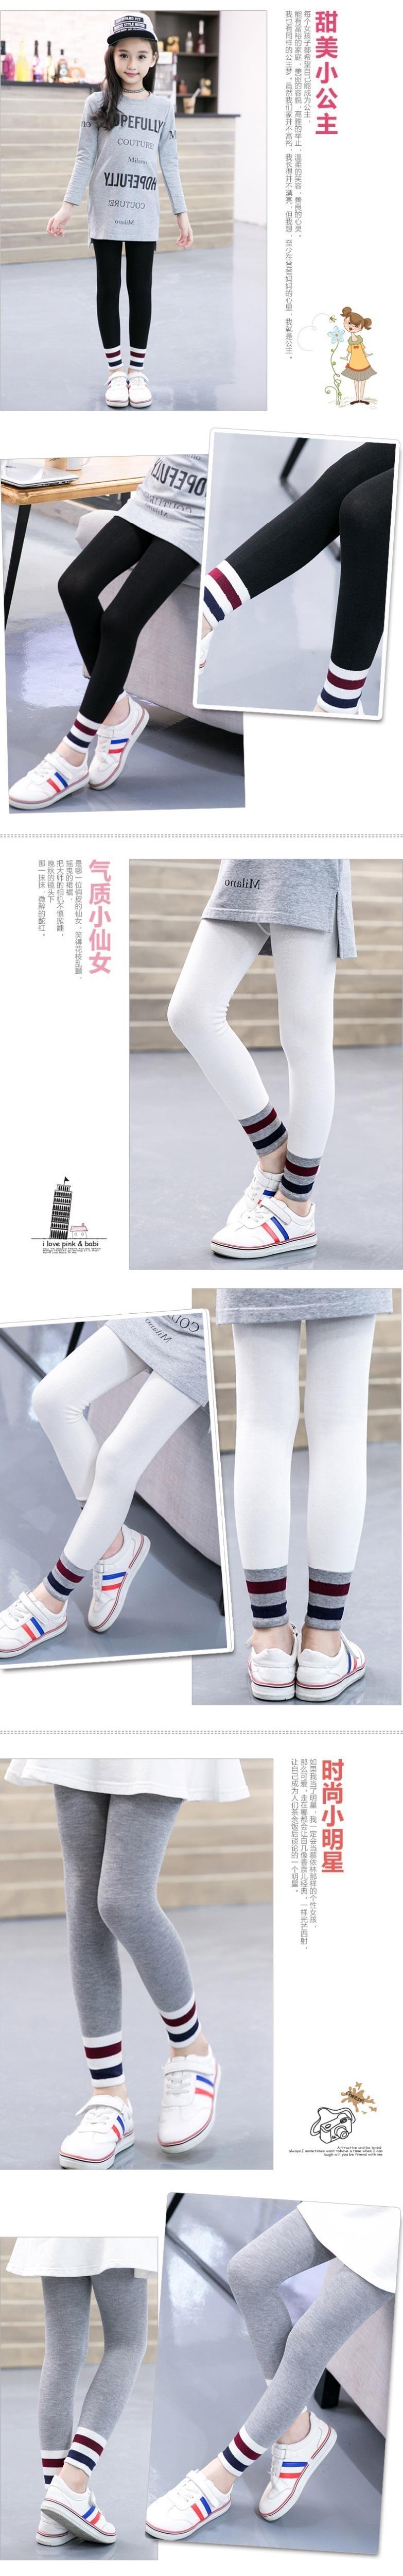 Leggings (13)